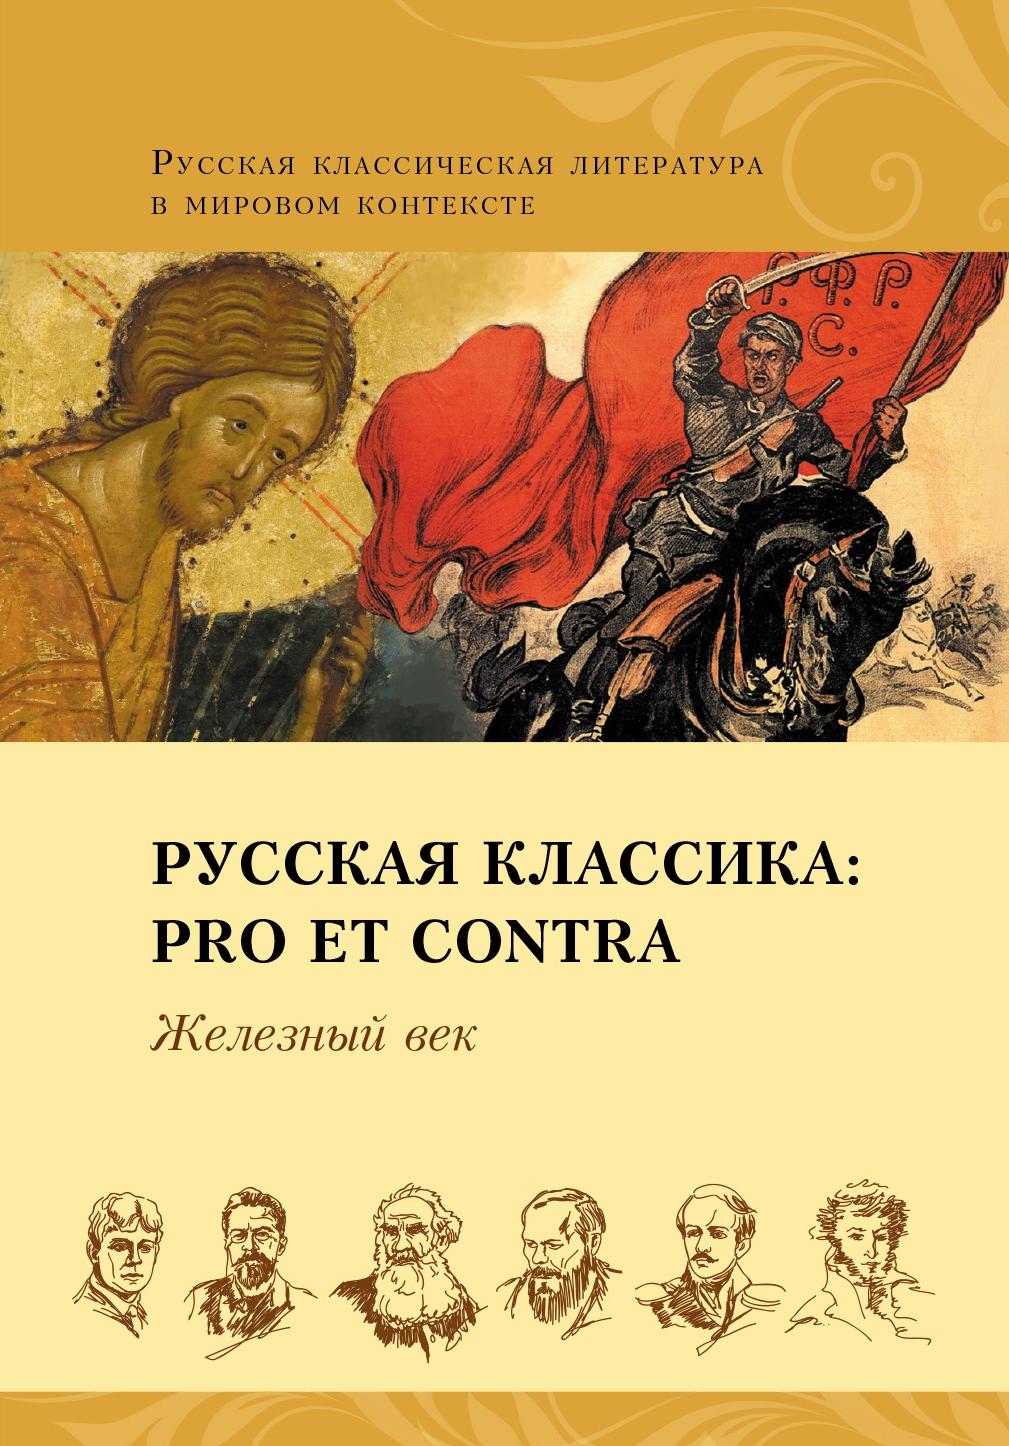 Русская классика: pro et contra. Железный век, антология. Издательство РХГА